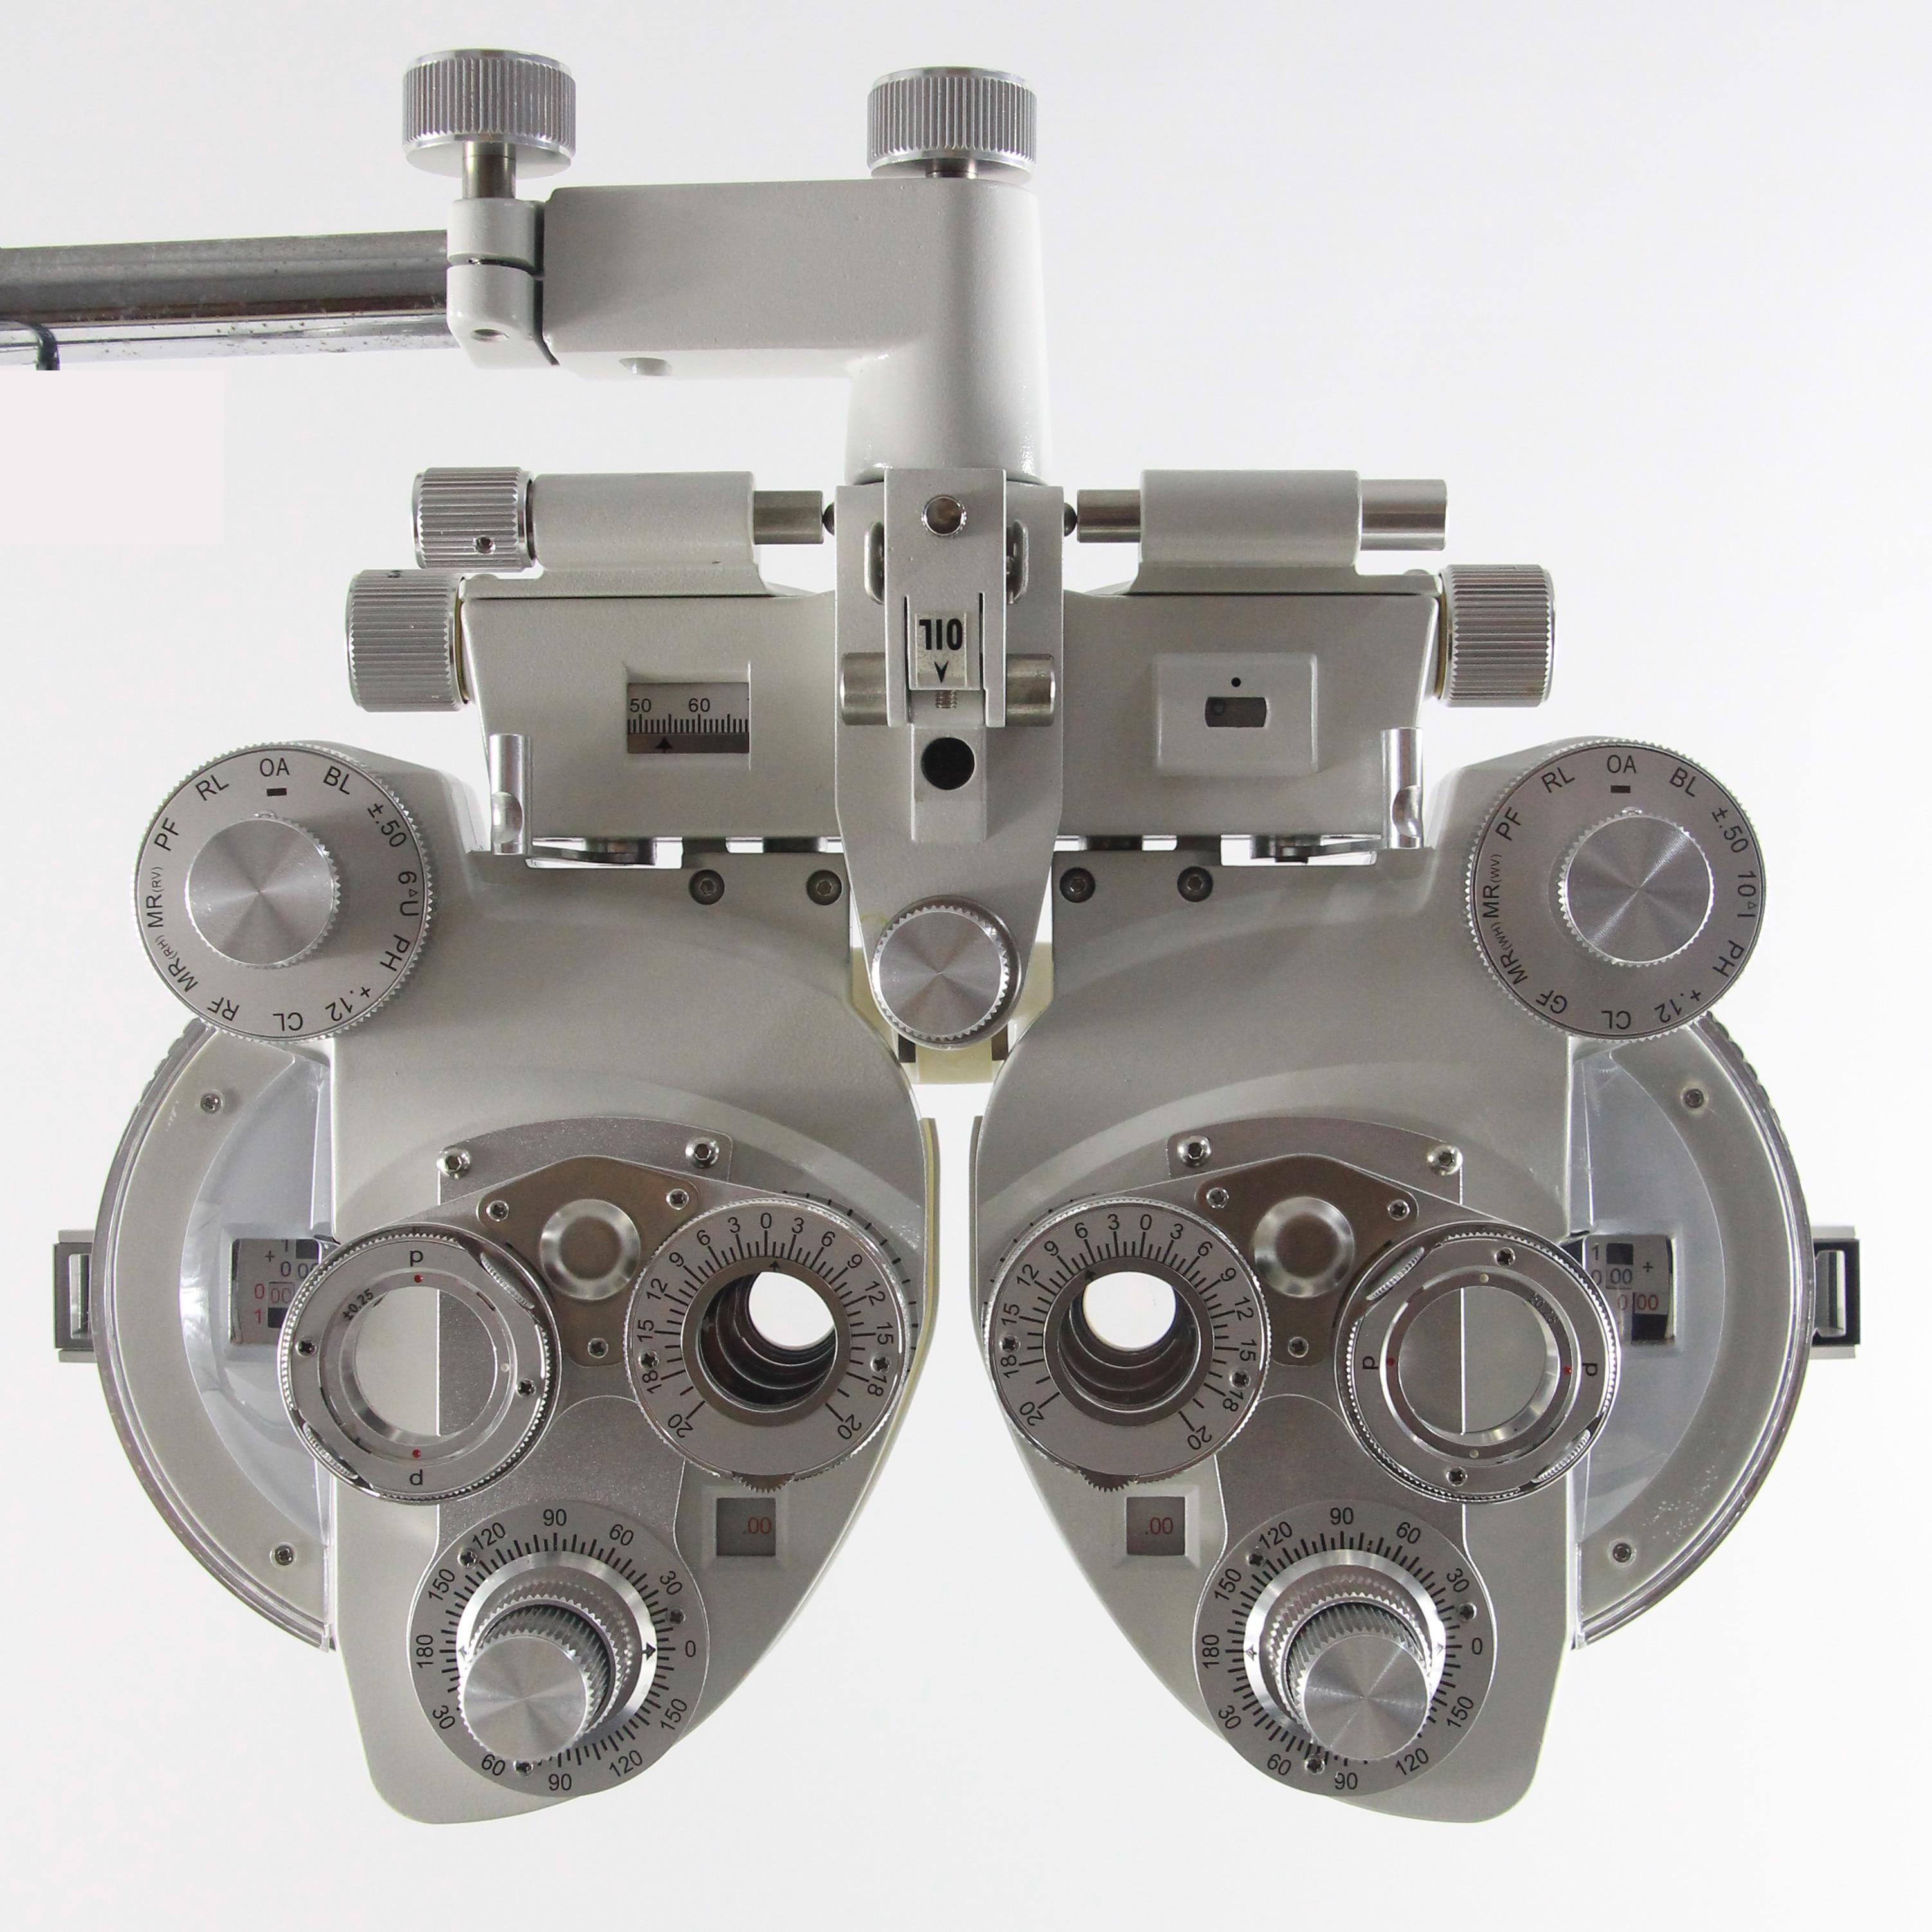 جودة جيدة فوروبتر CE معتمد | اختبار الرؤية البصرية | ناقص اسطوانة المنكسر زائد Cyl | P1540 السفينة من بولندا